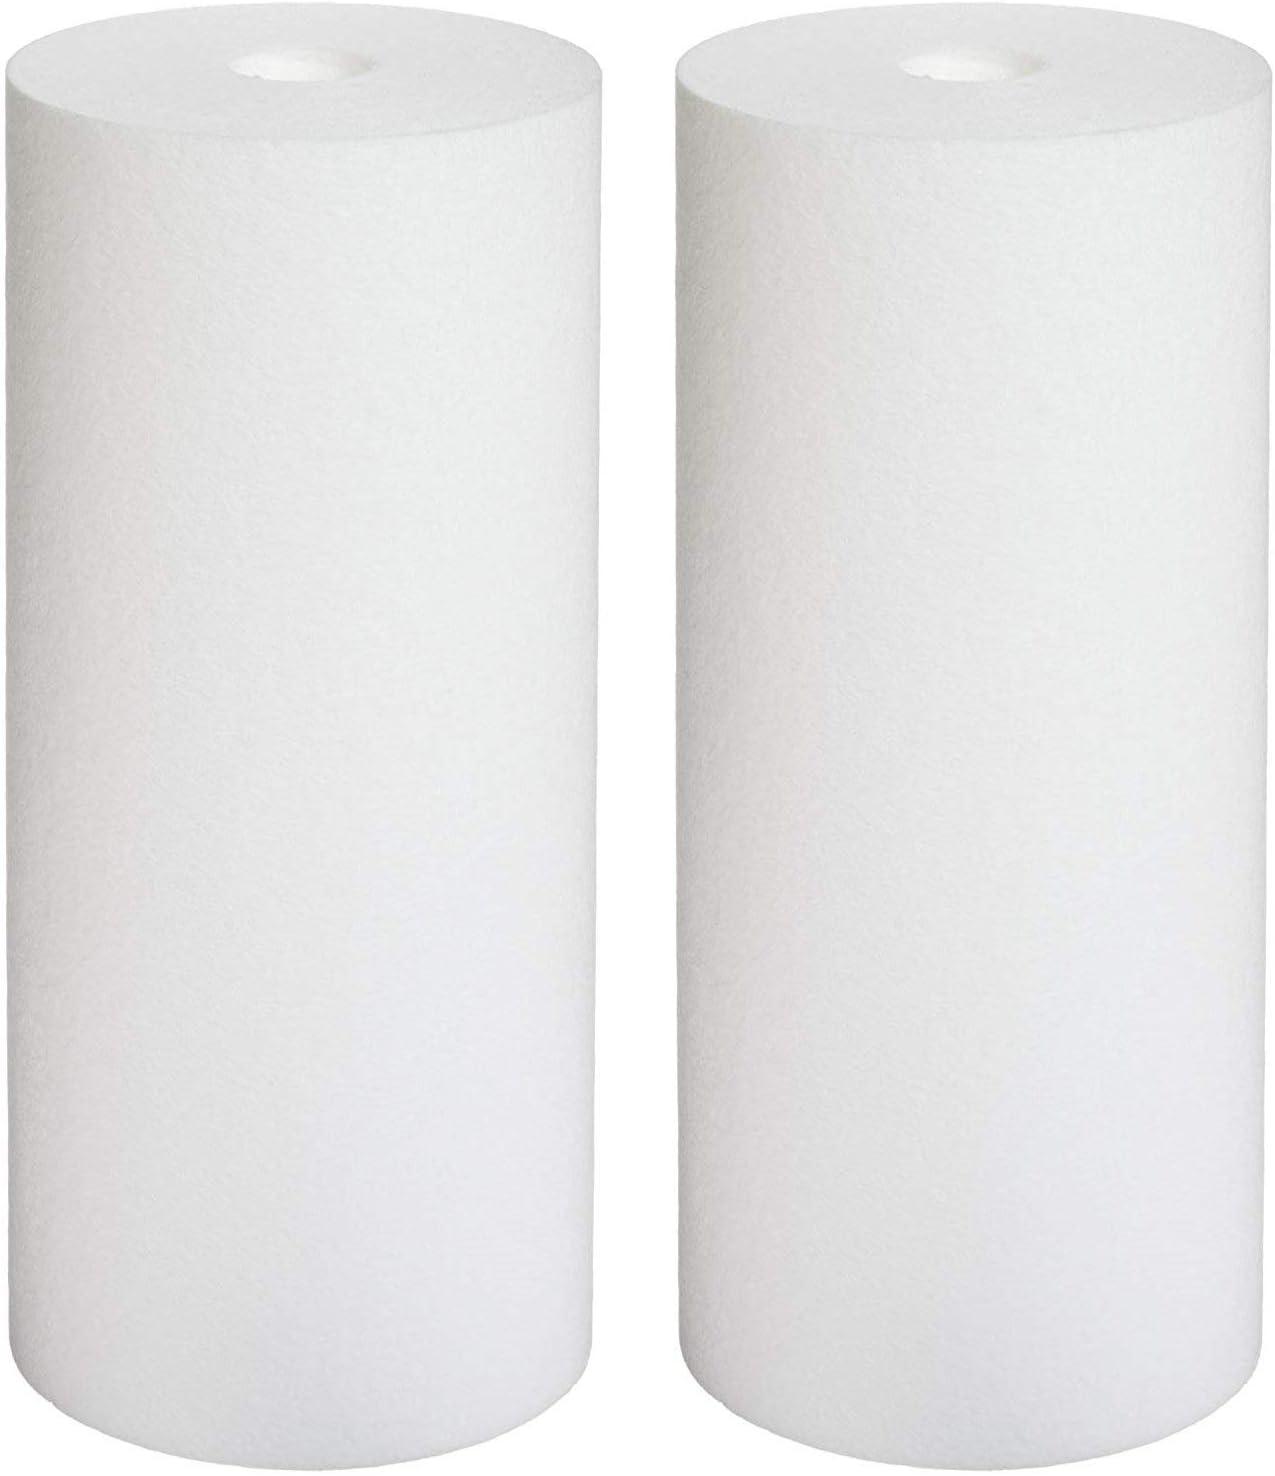 Pentek DGD-2501 Spun Polypropylene Filter Cartridge 10 x 4-1//2 1, 2-Pack